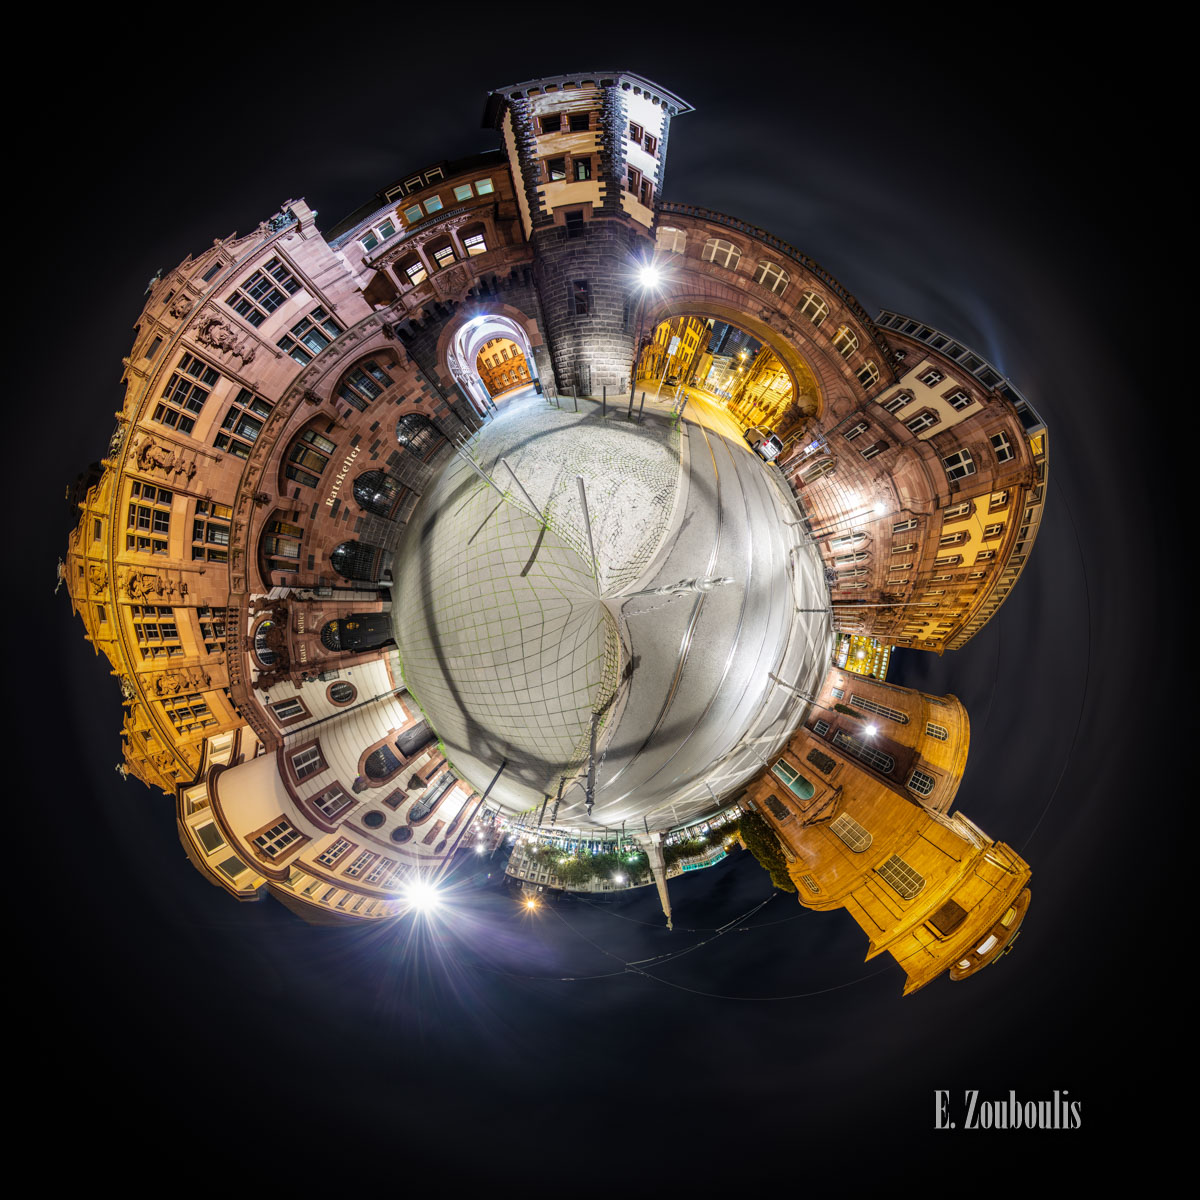 Planet Frankfurt Paulsplatz - Kleiner Planet vom Römer (Paulsplatz) in Frankfurt mit Blick auf die Paulskirche und den Ratskeller bei Nacht